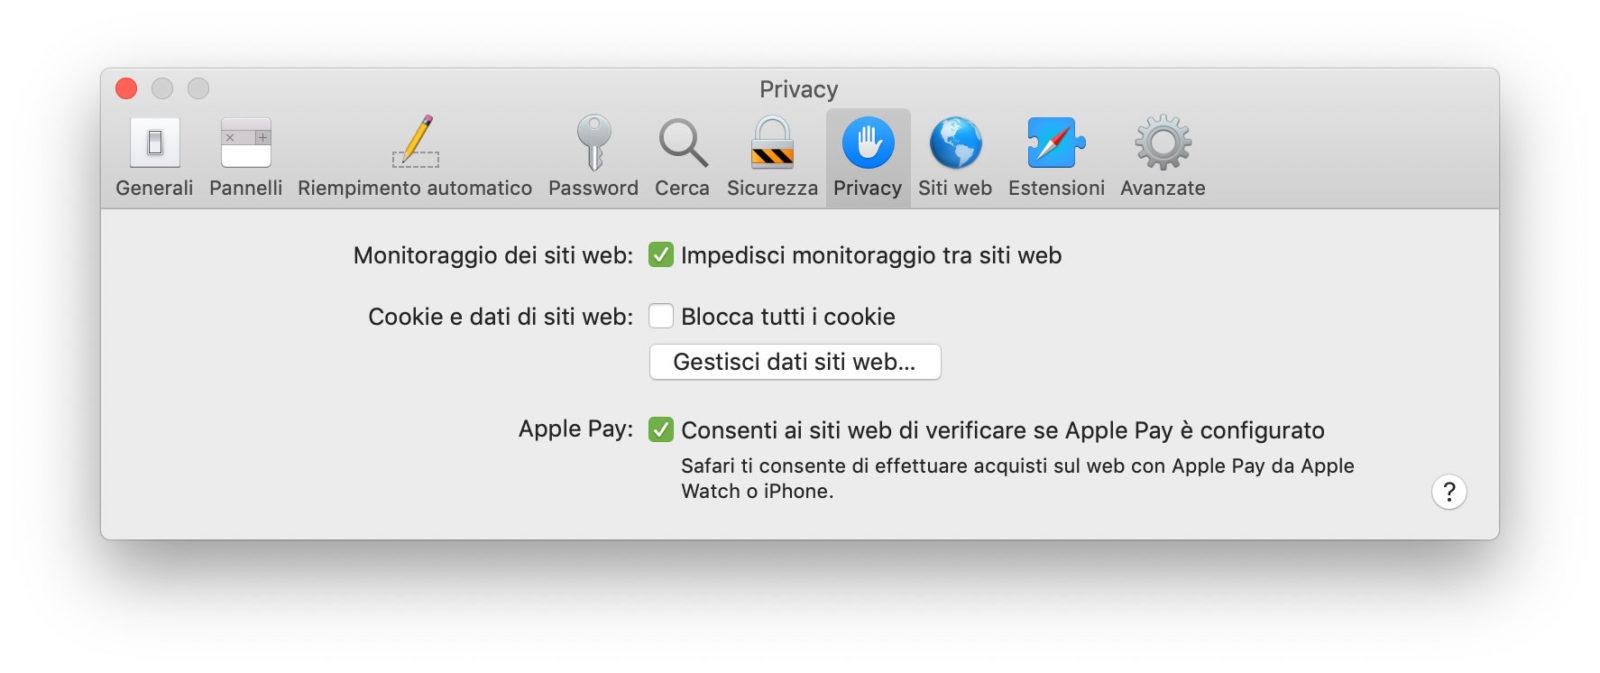 Le Preferenze relative alla Privacy in Safari 12.1